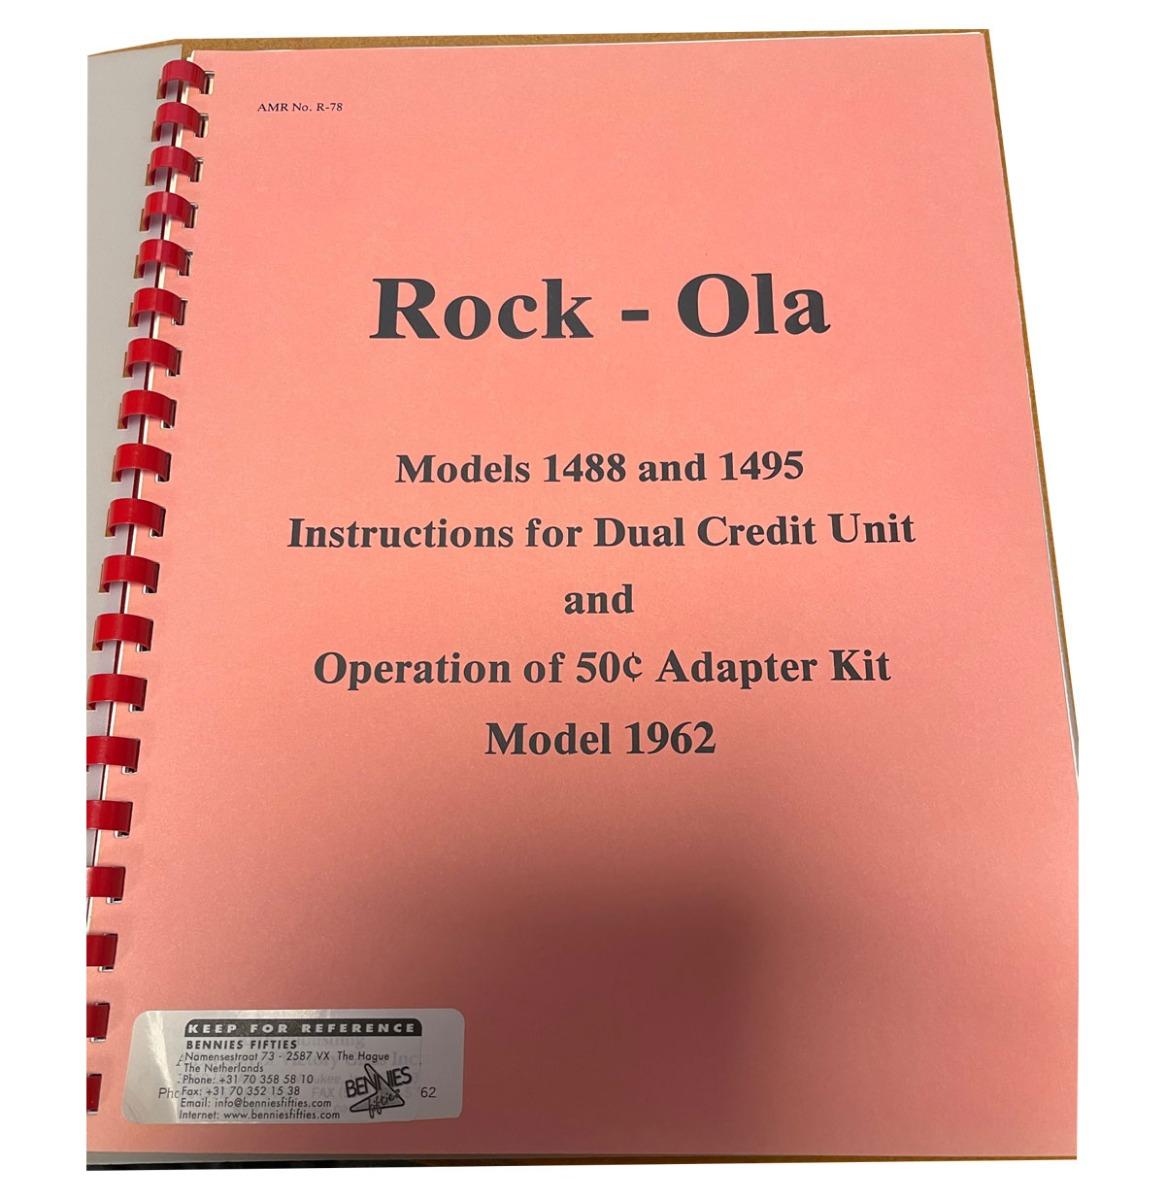 Rock-Ola 1488 En 1495 Instructies Voor Dubbel Krediet